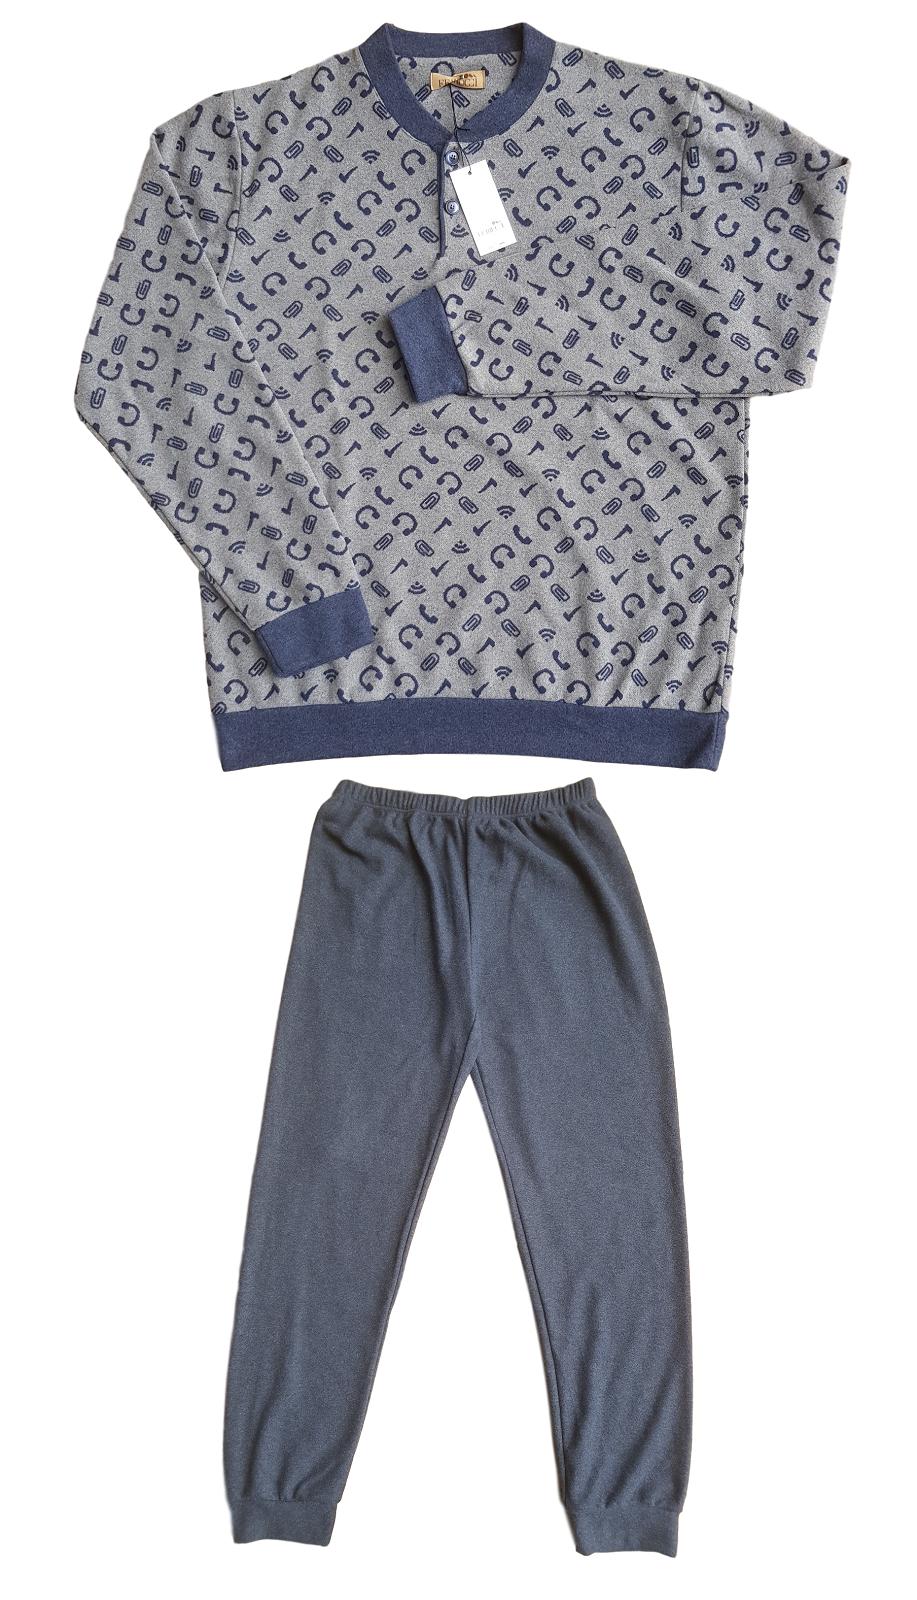 Herren Pyjamas Winter aus Baumwolle Plüsch FERRUCCI Mod. Melone 3606 MONACO S 2